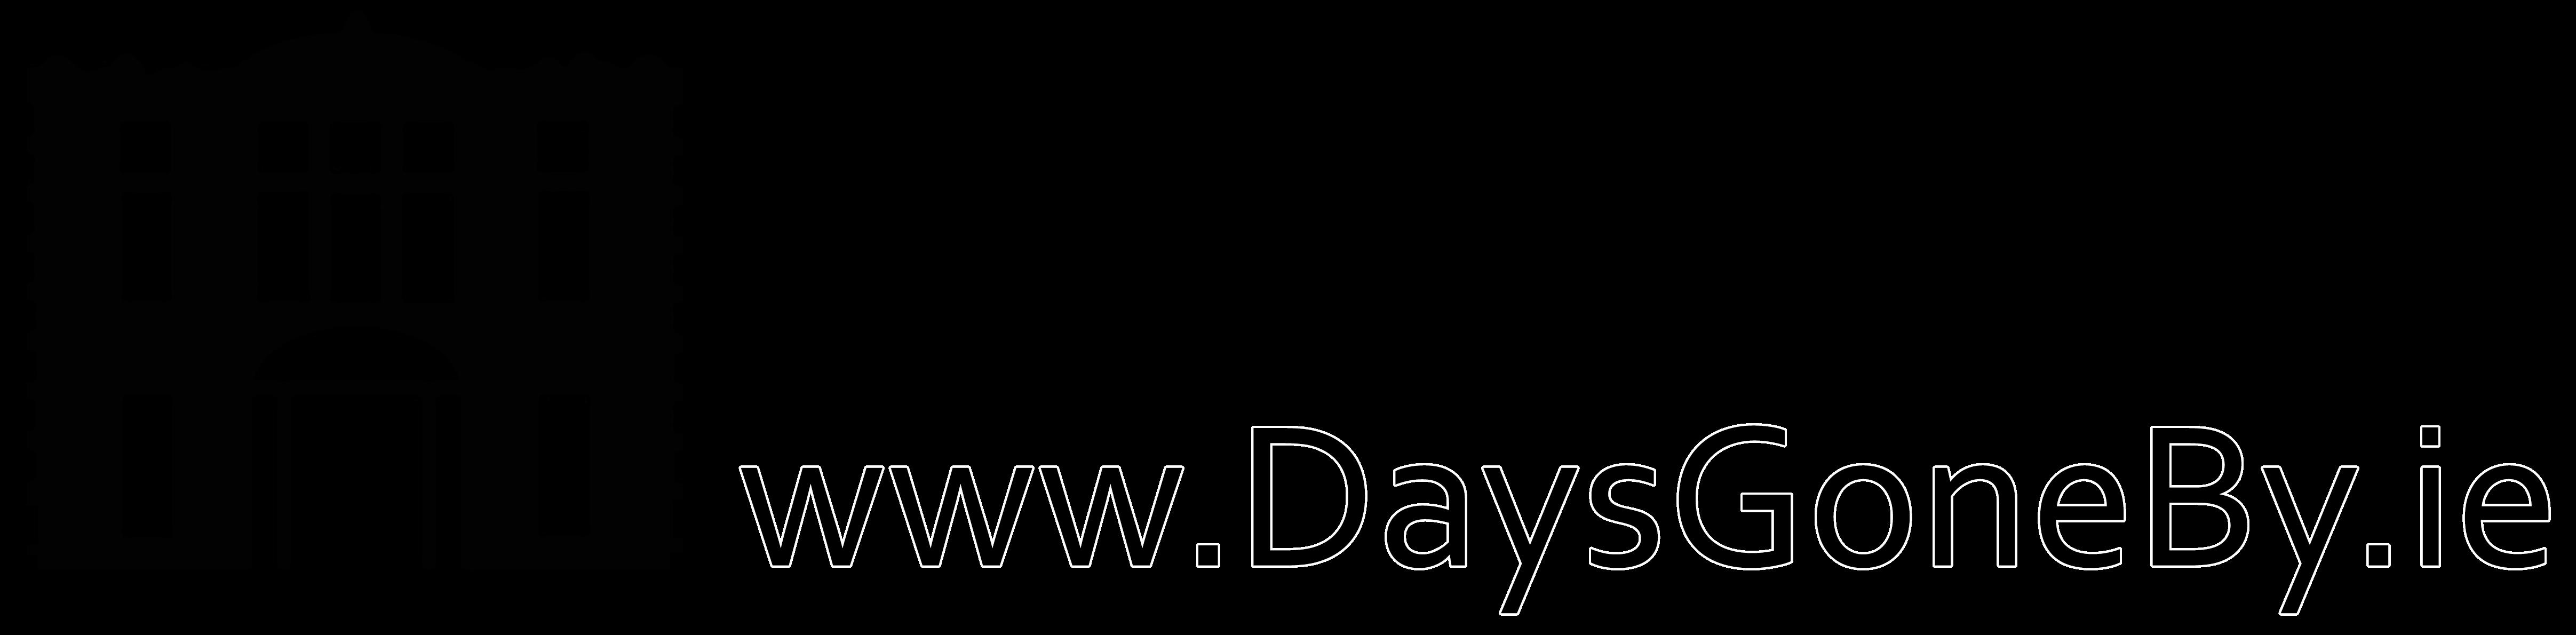 DaysGoneBy.ie